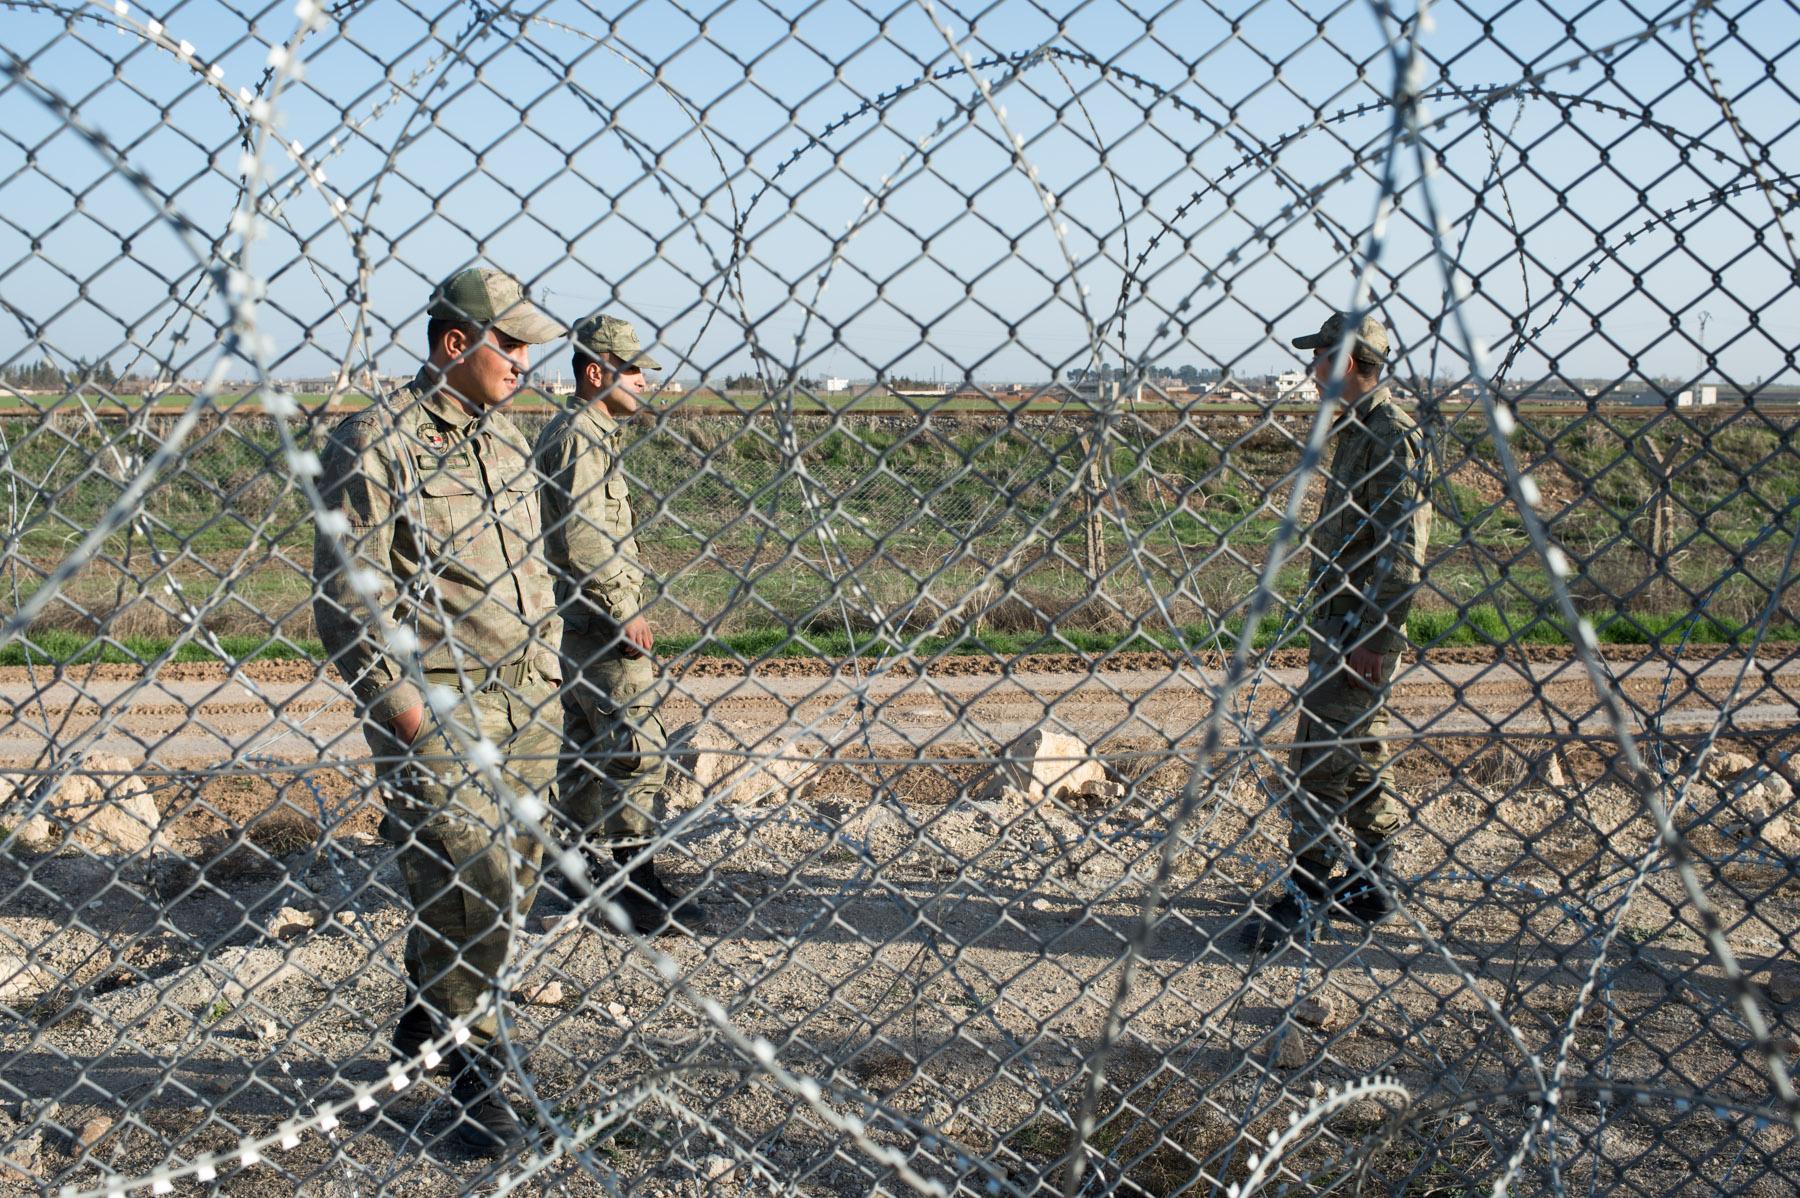 003syrian-turkish-border_by_fst_feb2014_DSC1080.jpg